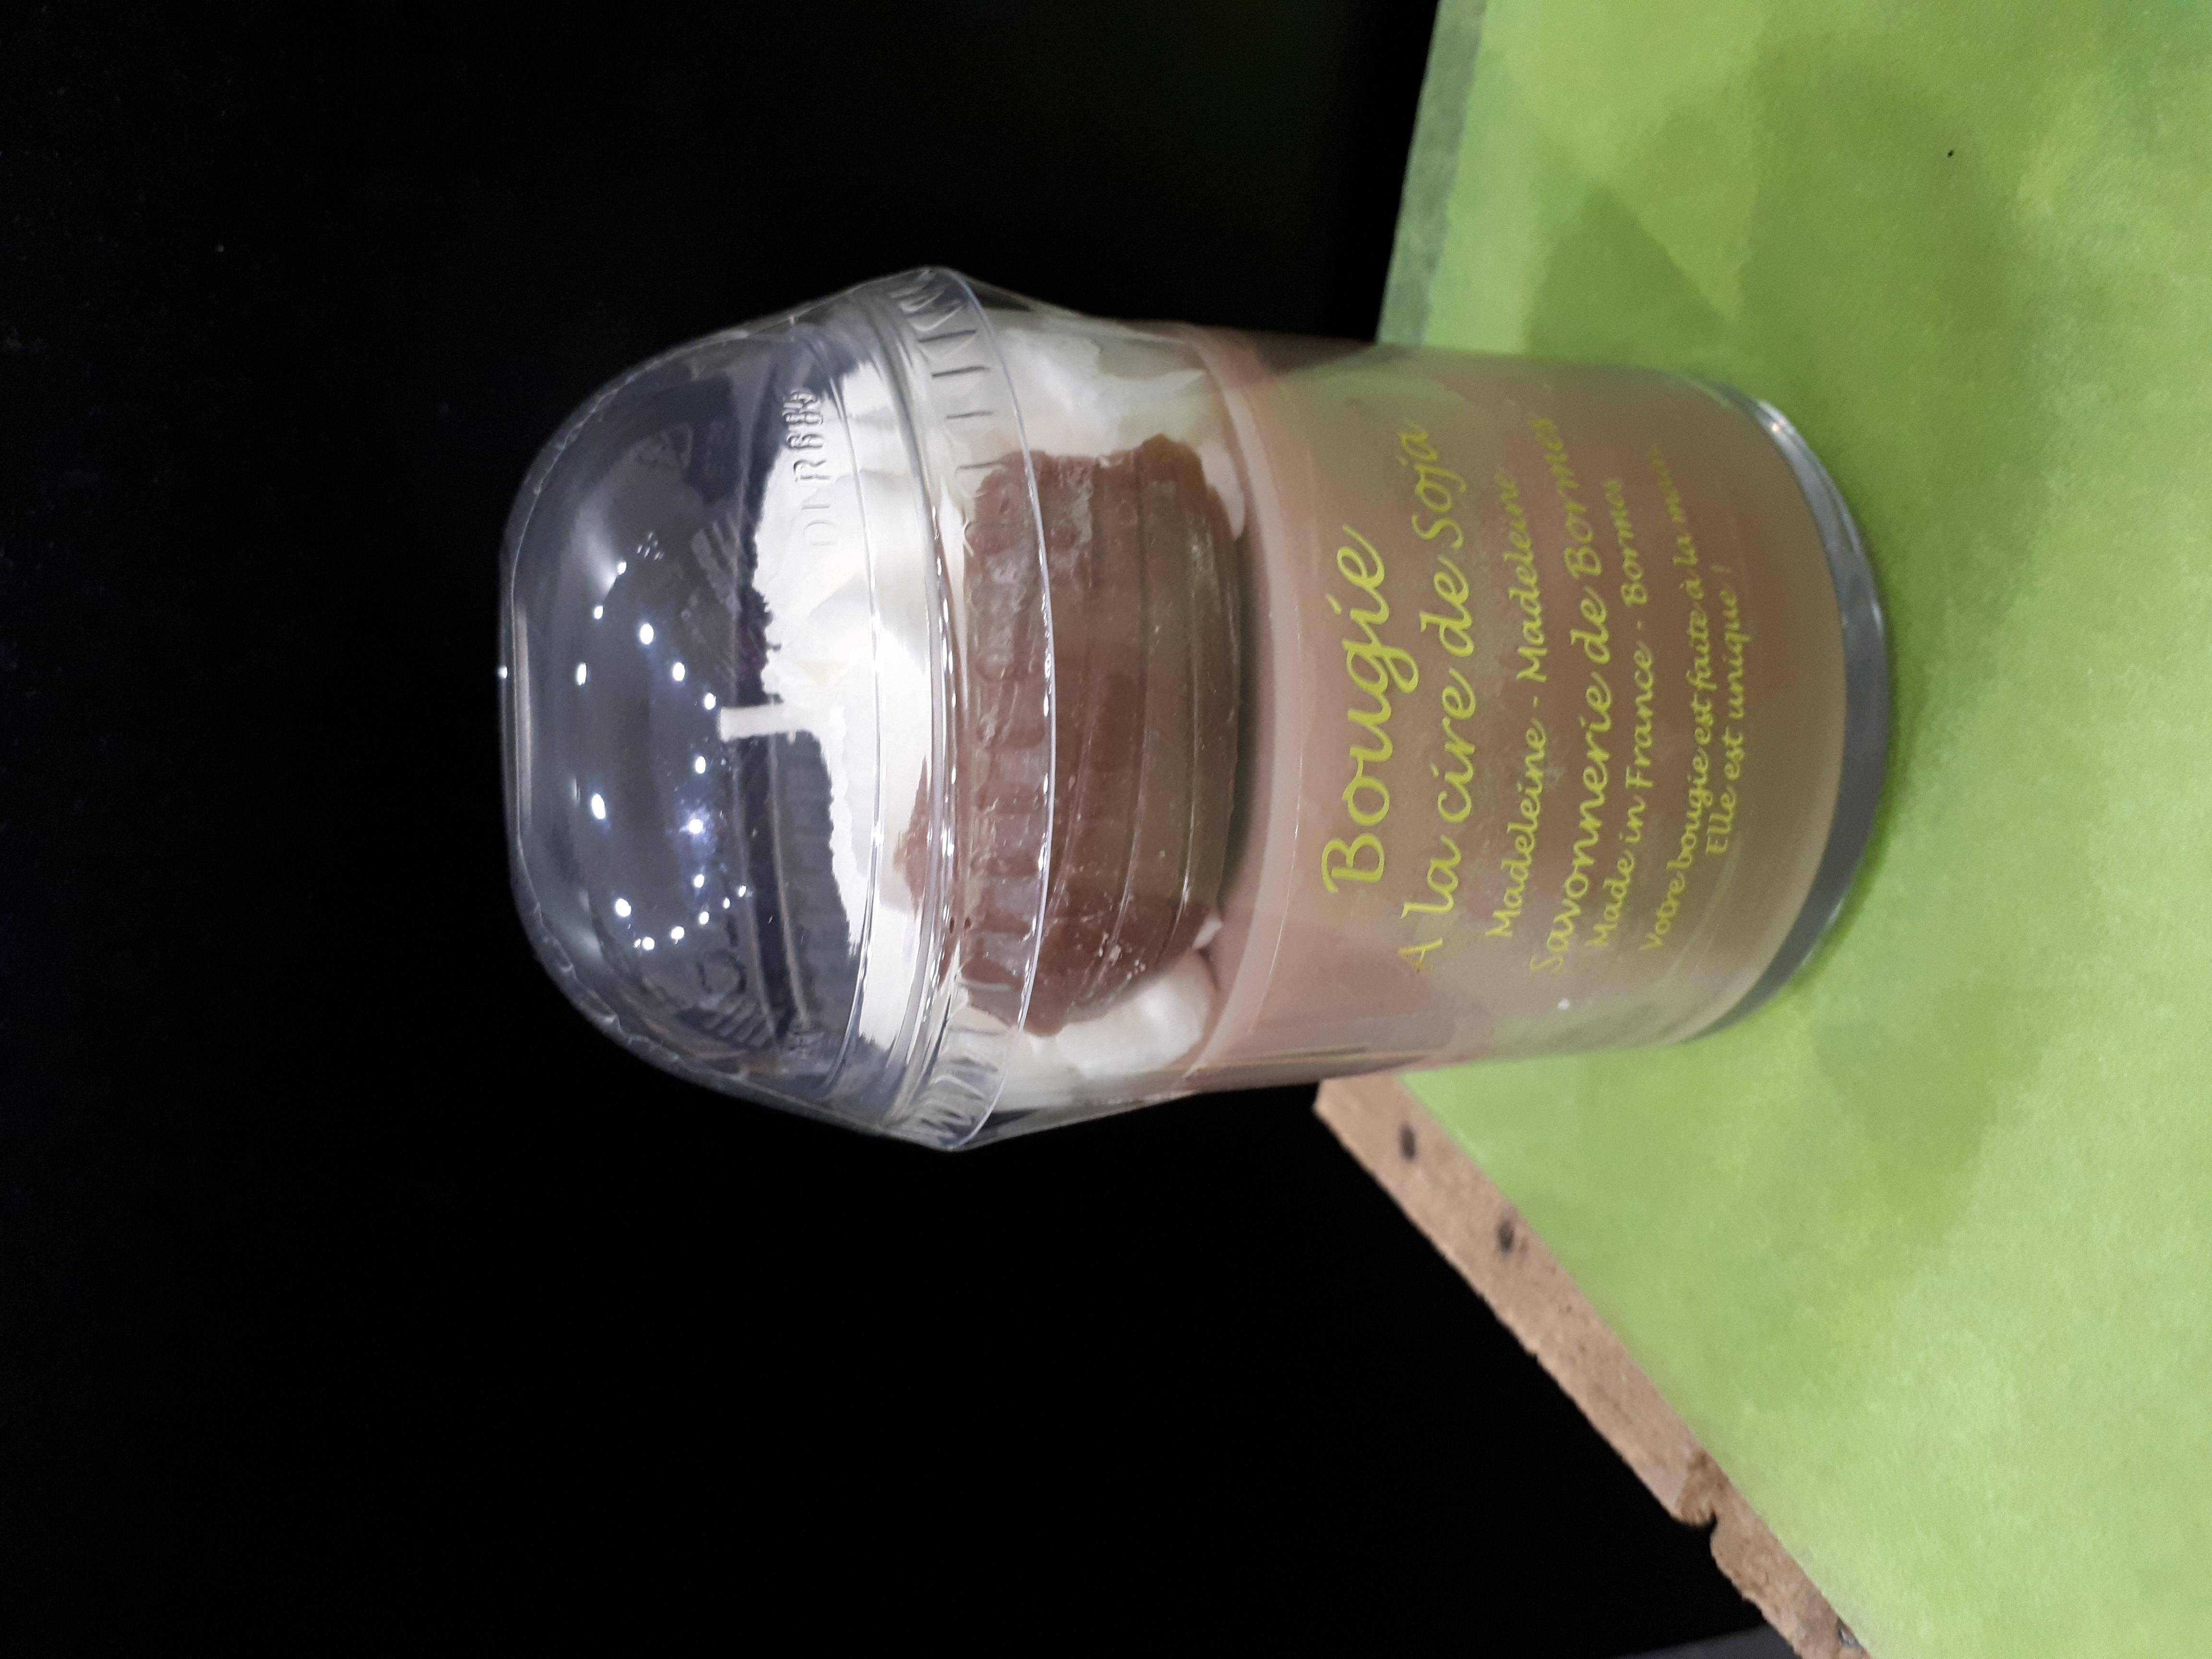 bougie crème fouettée